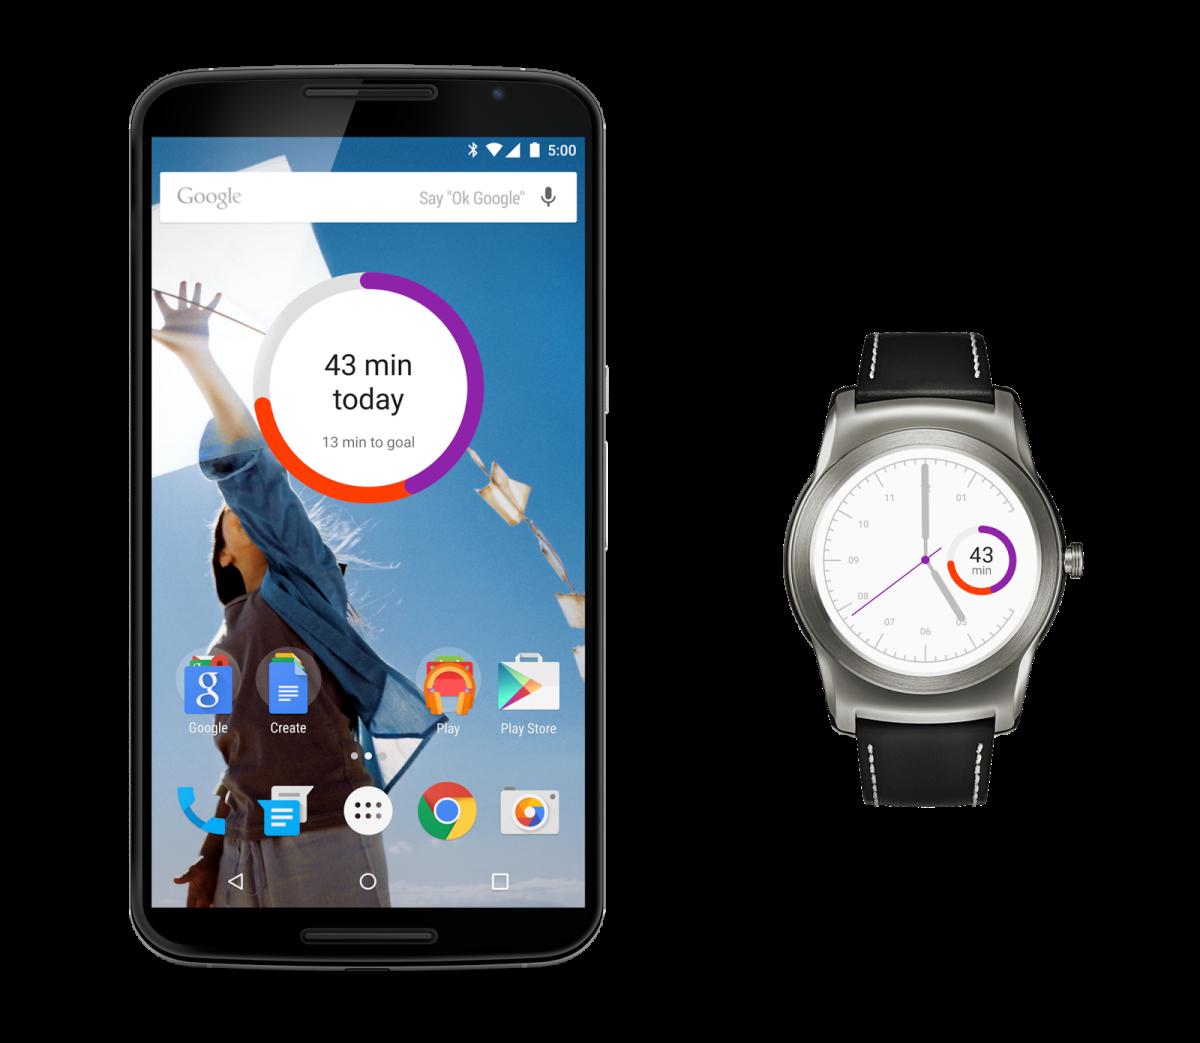 جوجل تحدث تطبيق مراقبة اللياقة Google Fit 3